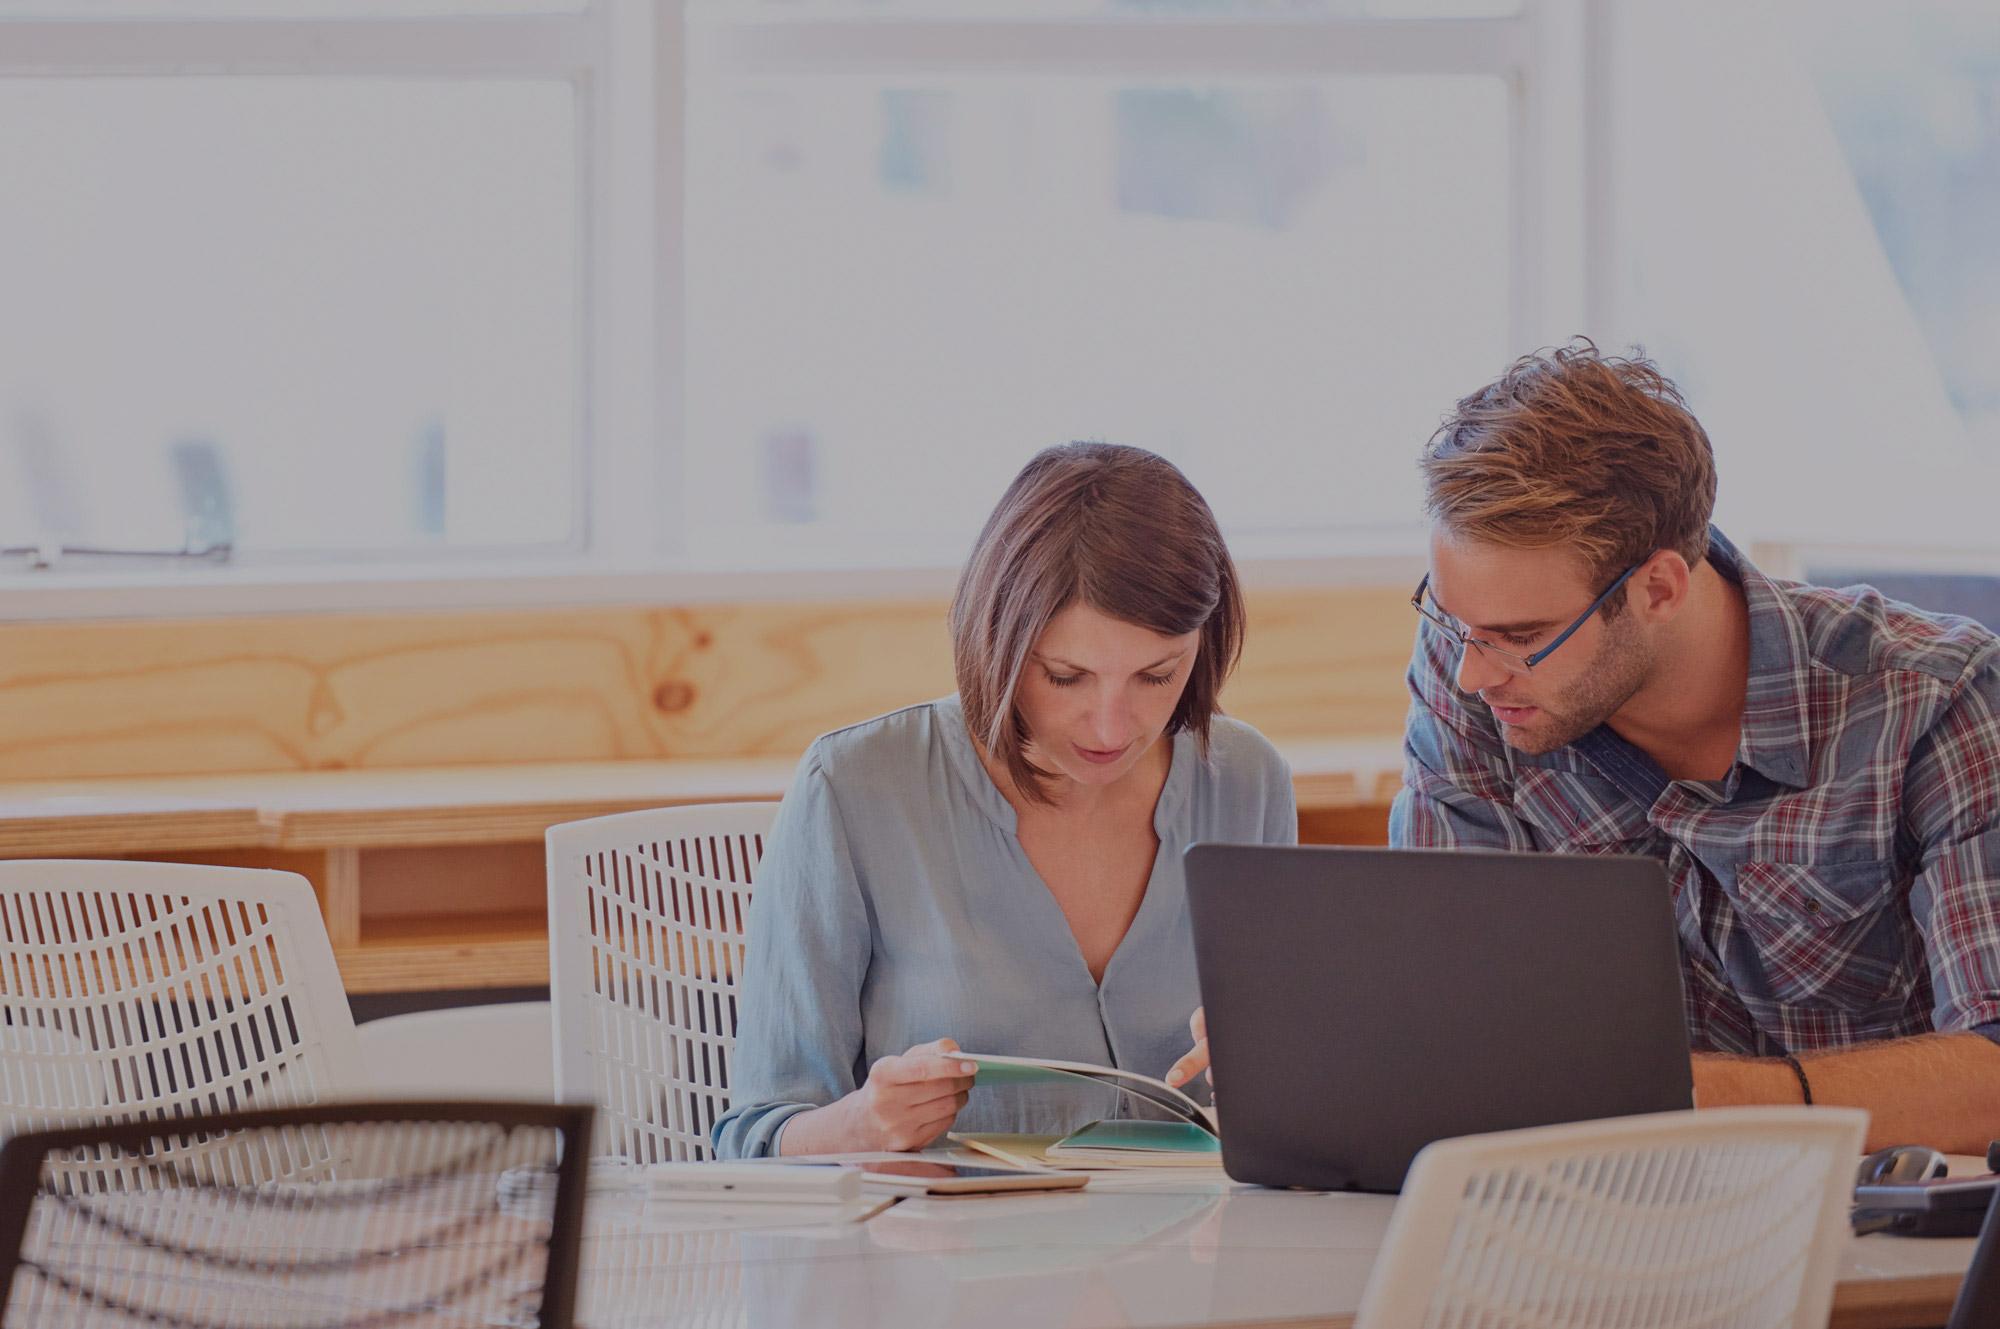 Educaci n online estudiar a distancia en la universidad for Estudiar interiorismo a distancia